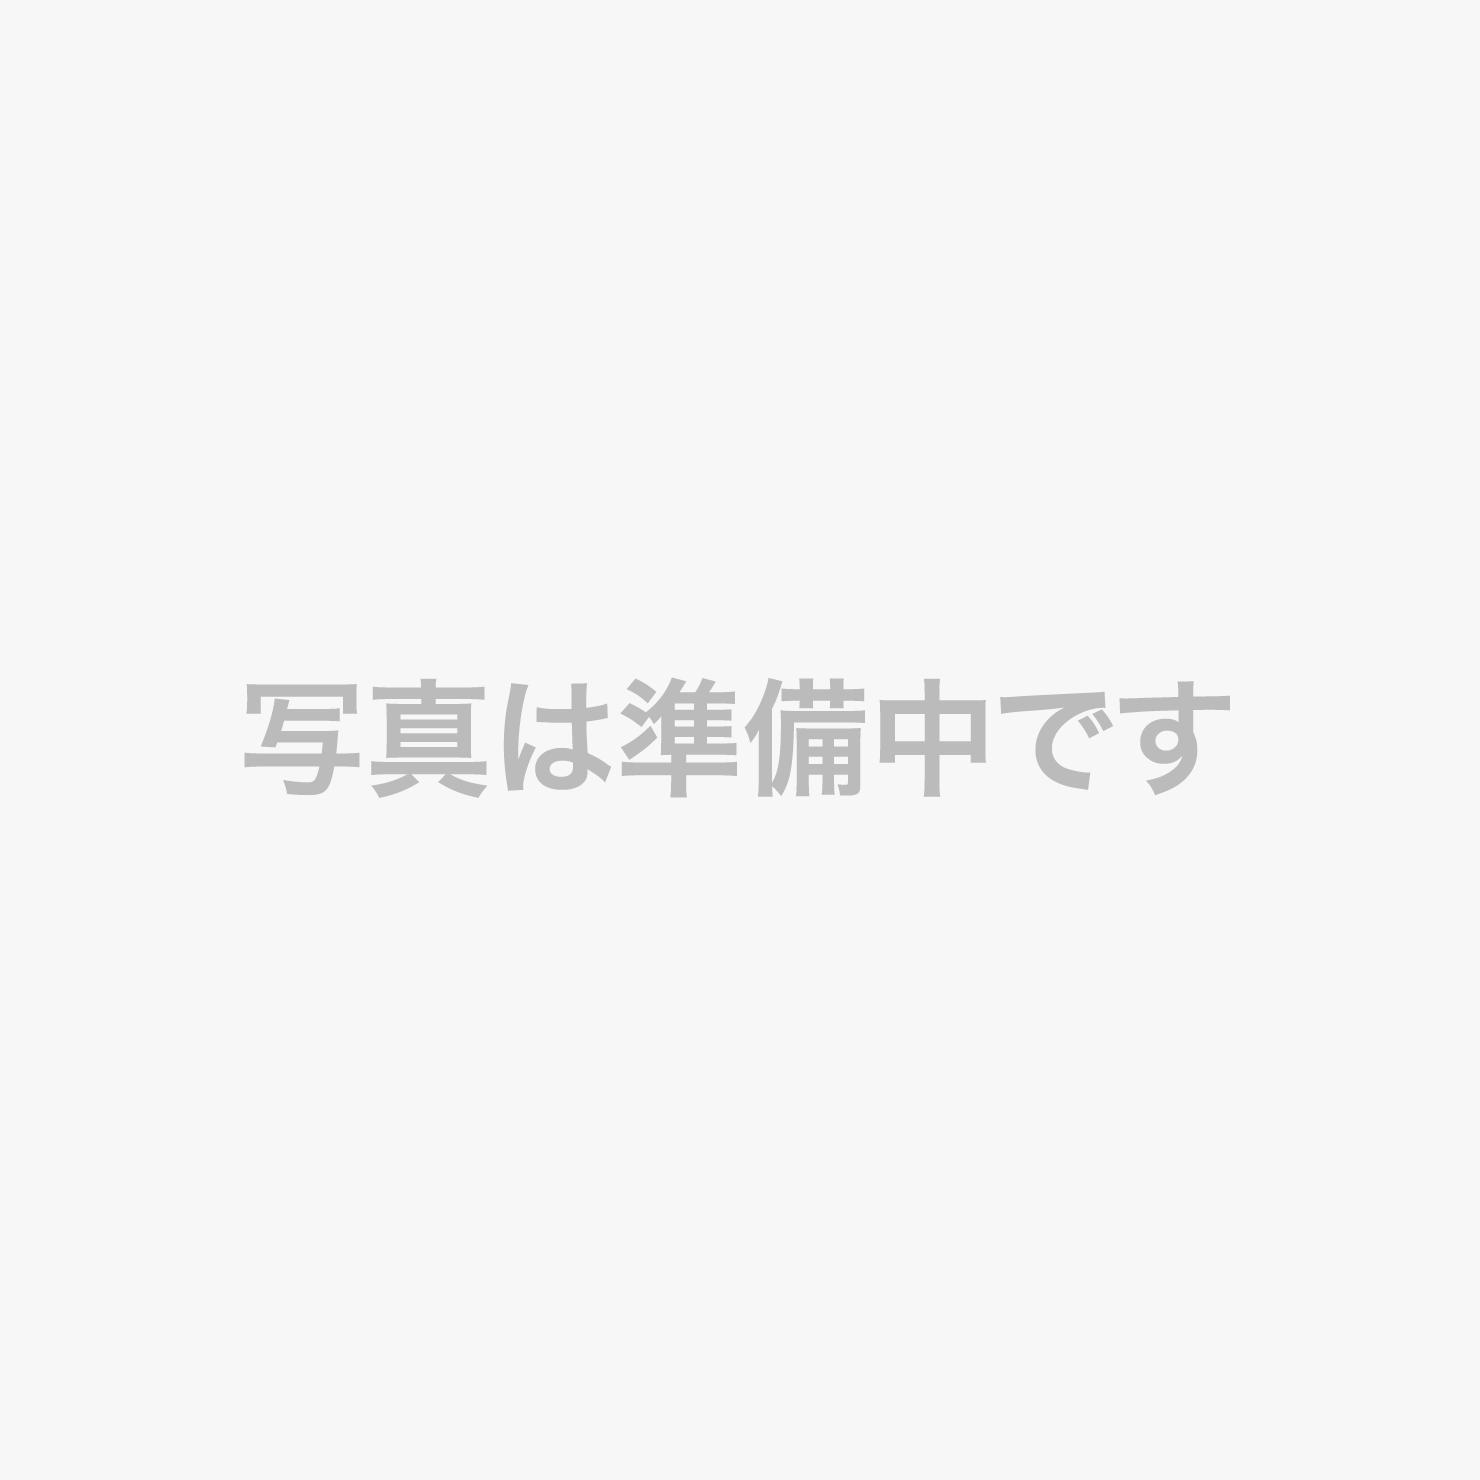 *【お祭りランド「縁日・屋台」(一例)】ちびっこに人気のお面もご用意!